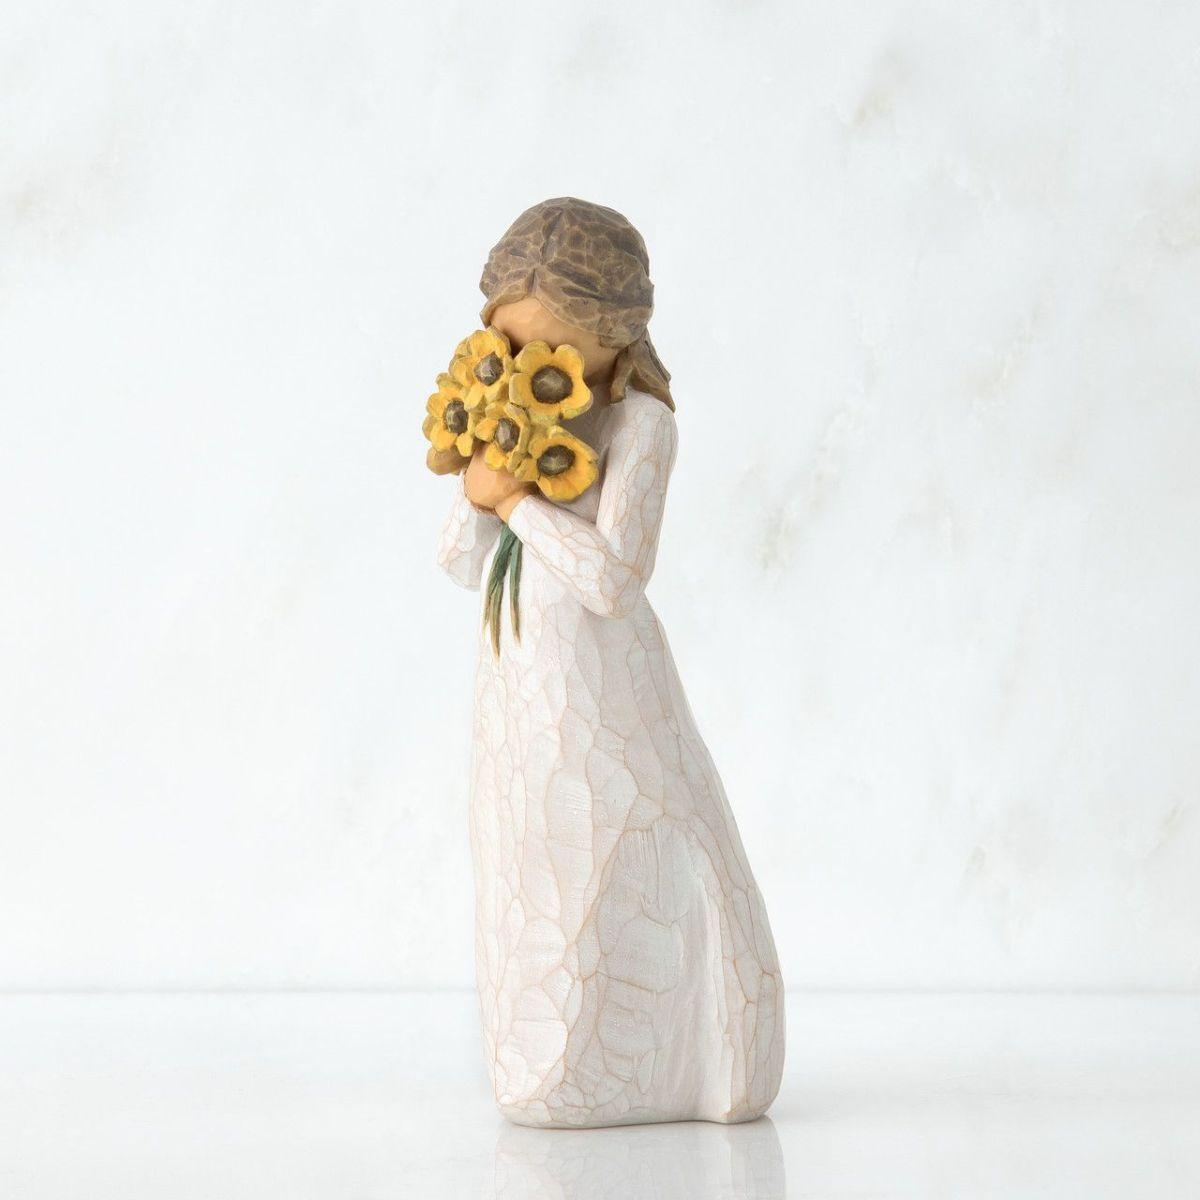 ウィローツリー彫像 【Warm Embrace】 - 暖かな抱擁